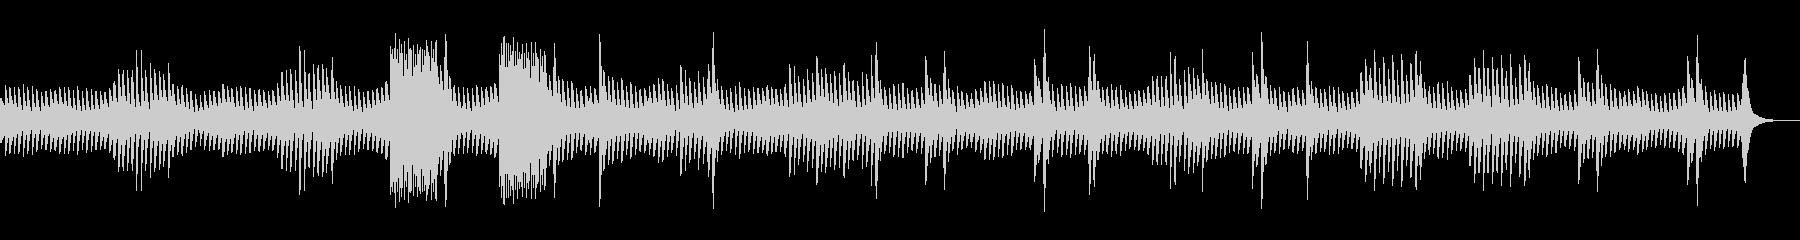 グノシエンヌ No.4_オルゴールverの未再生の波形